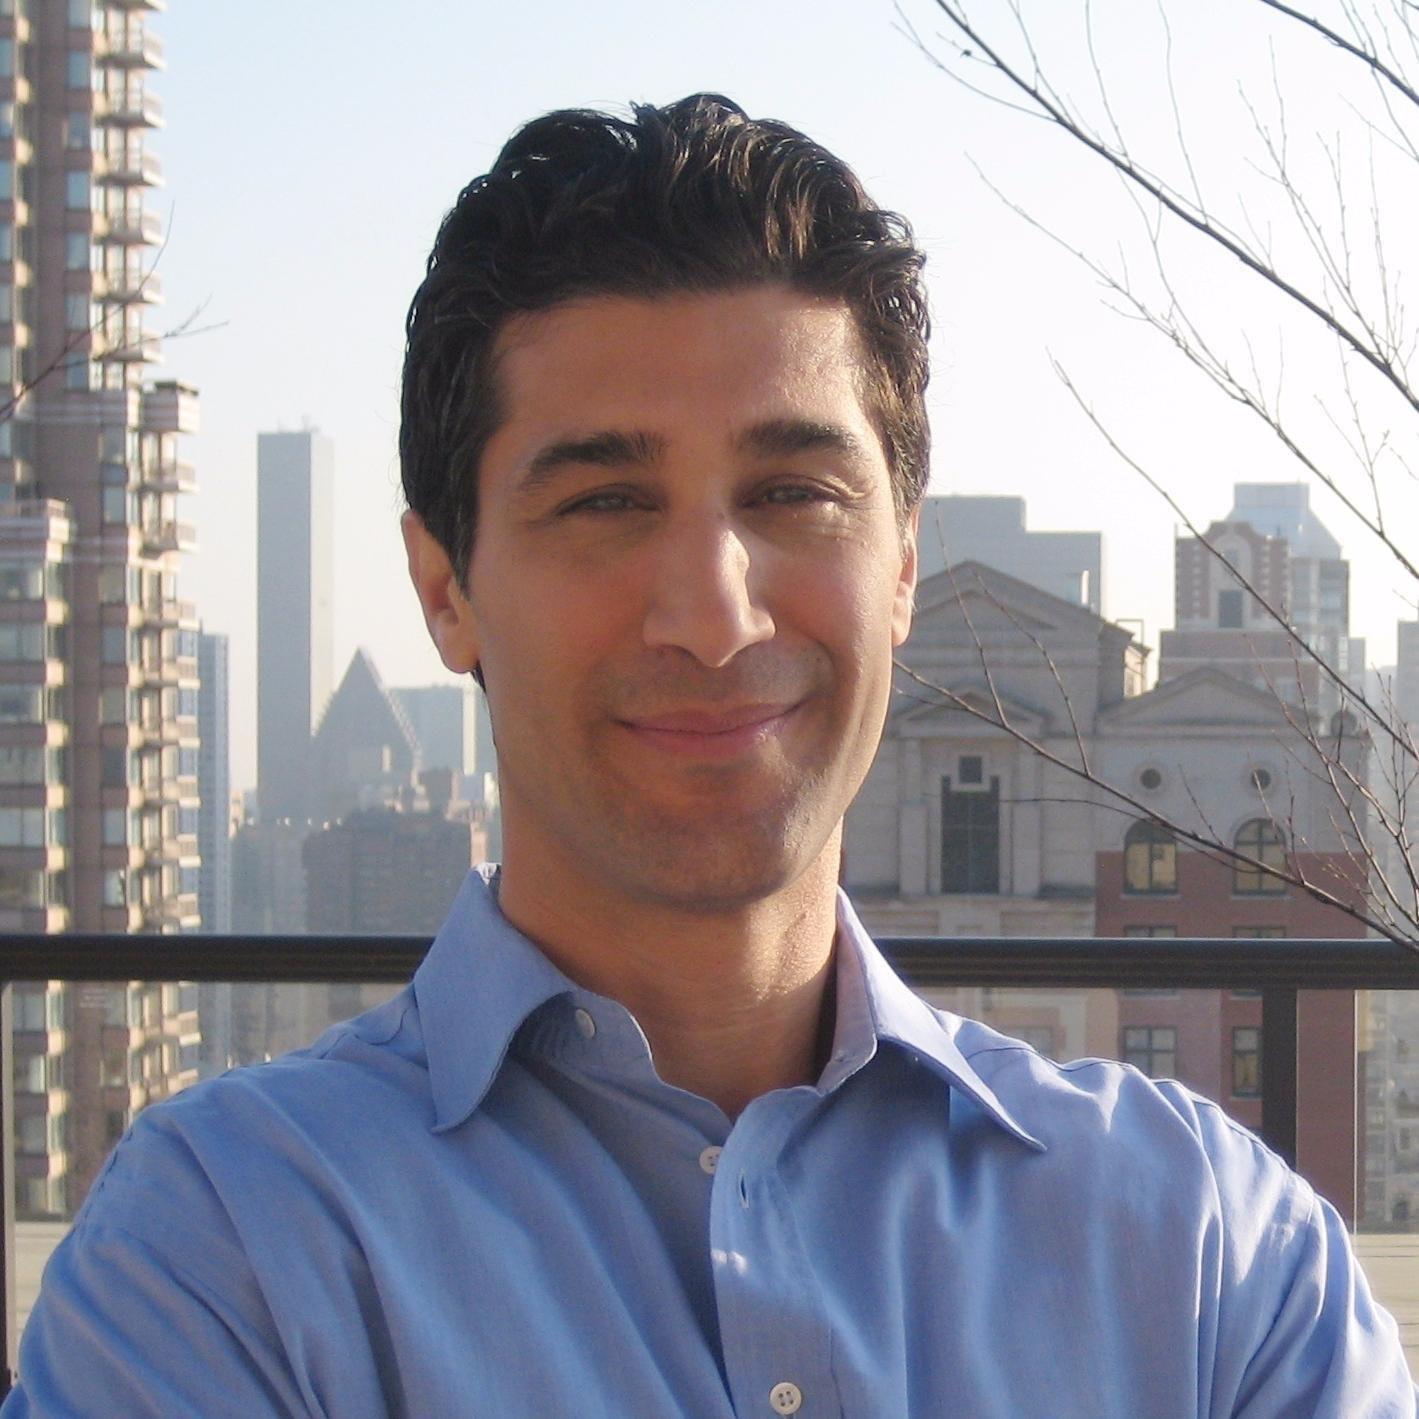 Samer Hamadeh